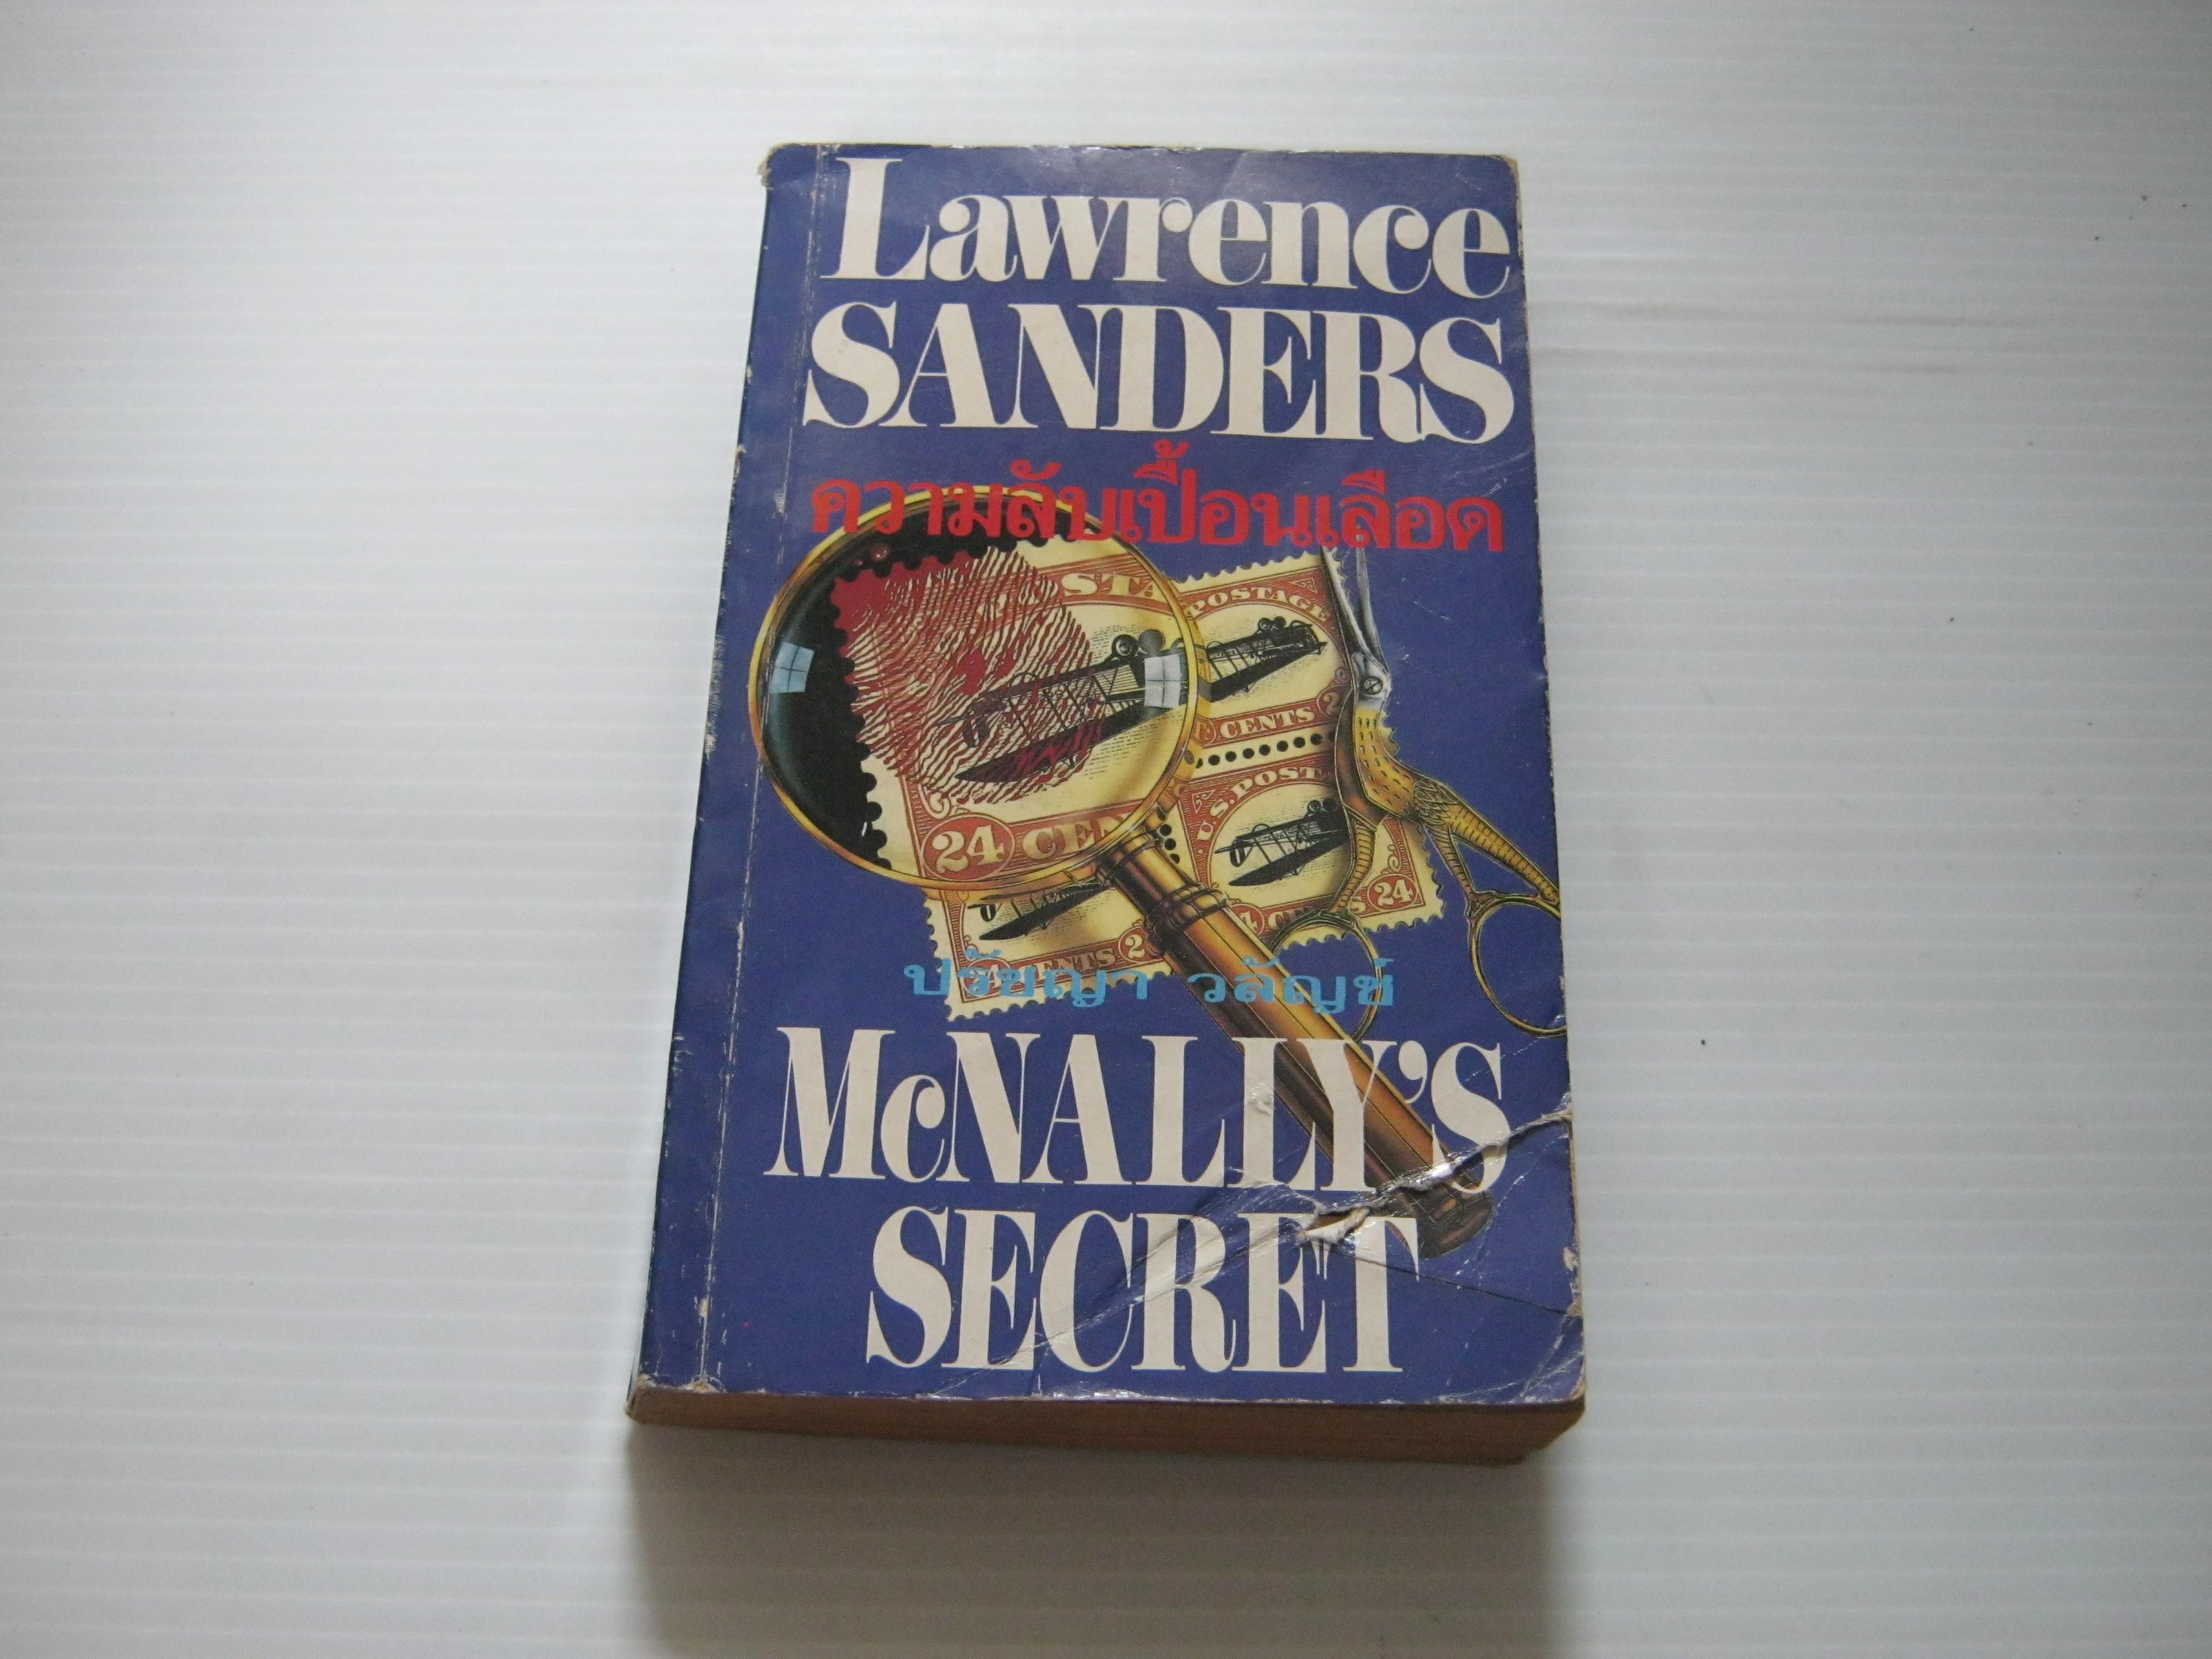 ความลับเปื้อนเลือด (Mcnally's Secret) Lawrence Sanders เขียน ปรัชญา วลัญช์ แปล